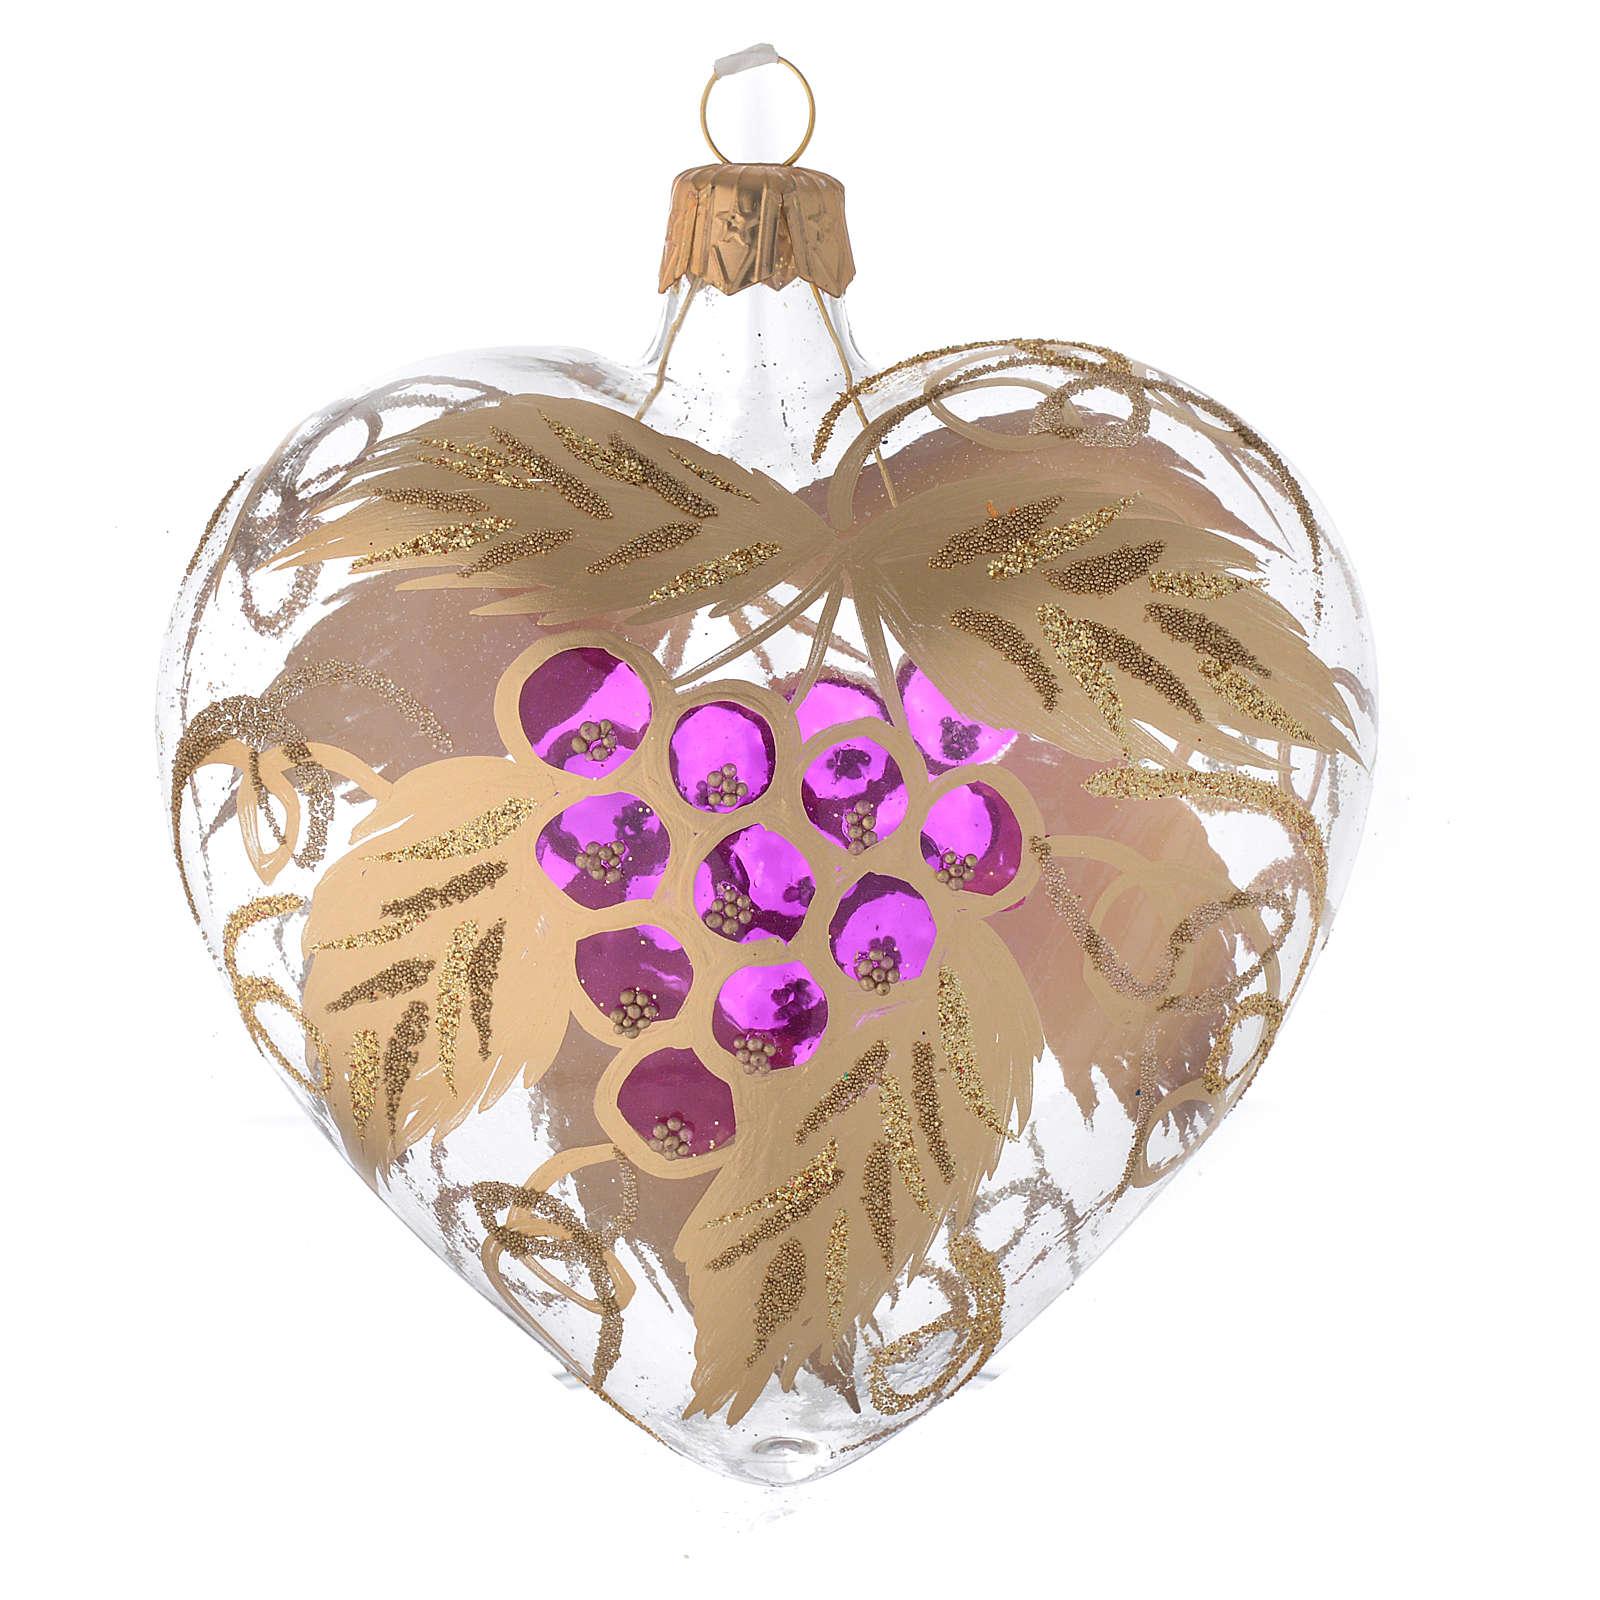 Bola de Navidad corazón de vidrio transparente y decoración con uva 100 mm 4